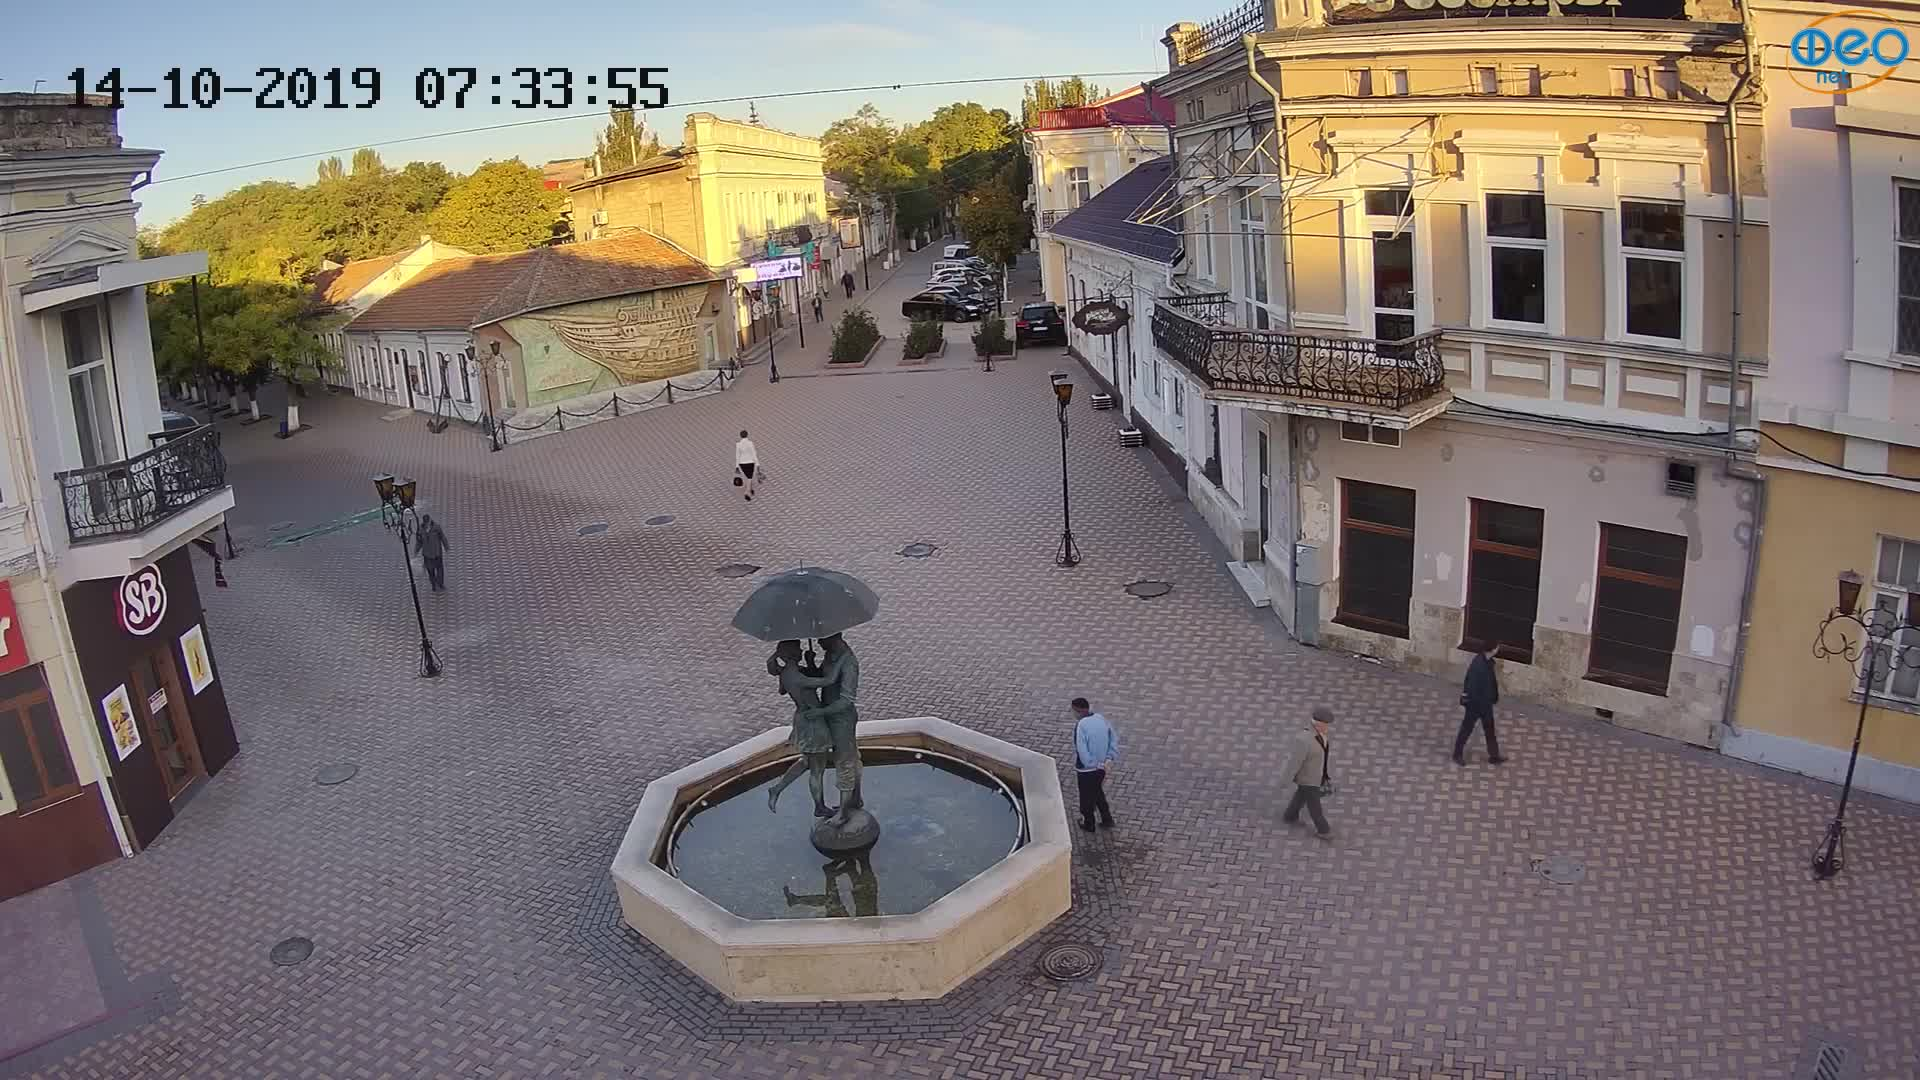 Веб-камеры Феодосии, Панно Бригантина (Камера со звуком.), 2019-10-14 07:43:10